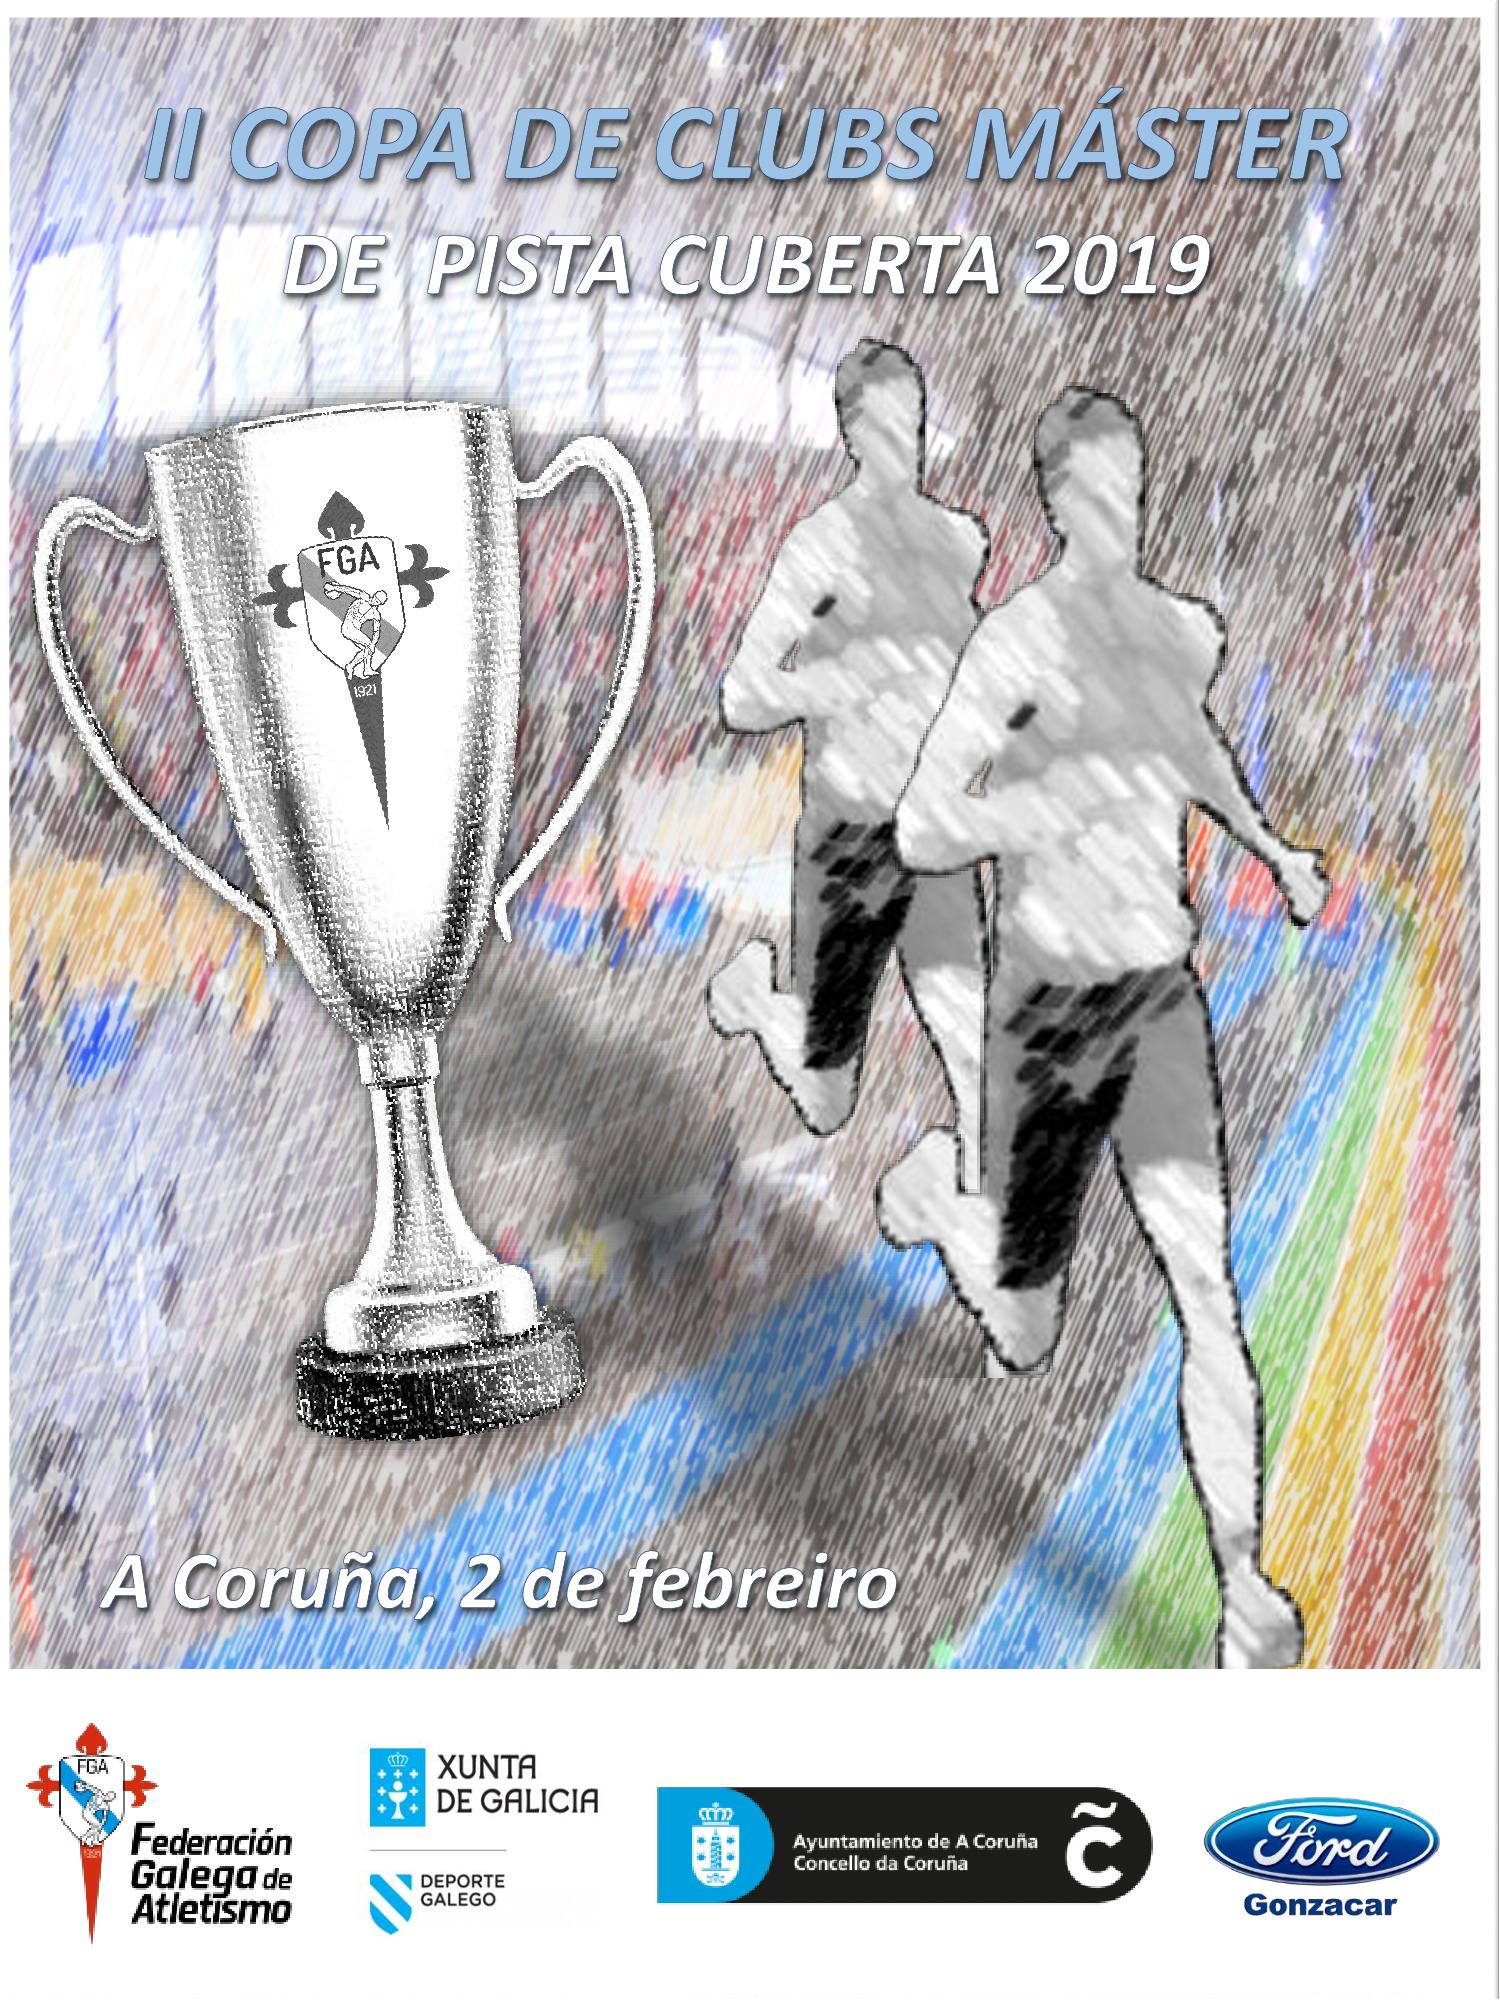 II Copa de Galicia de Clubs Máster en Pista Cuberta